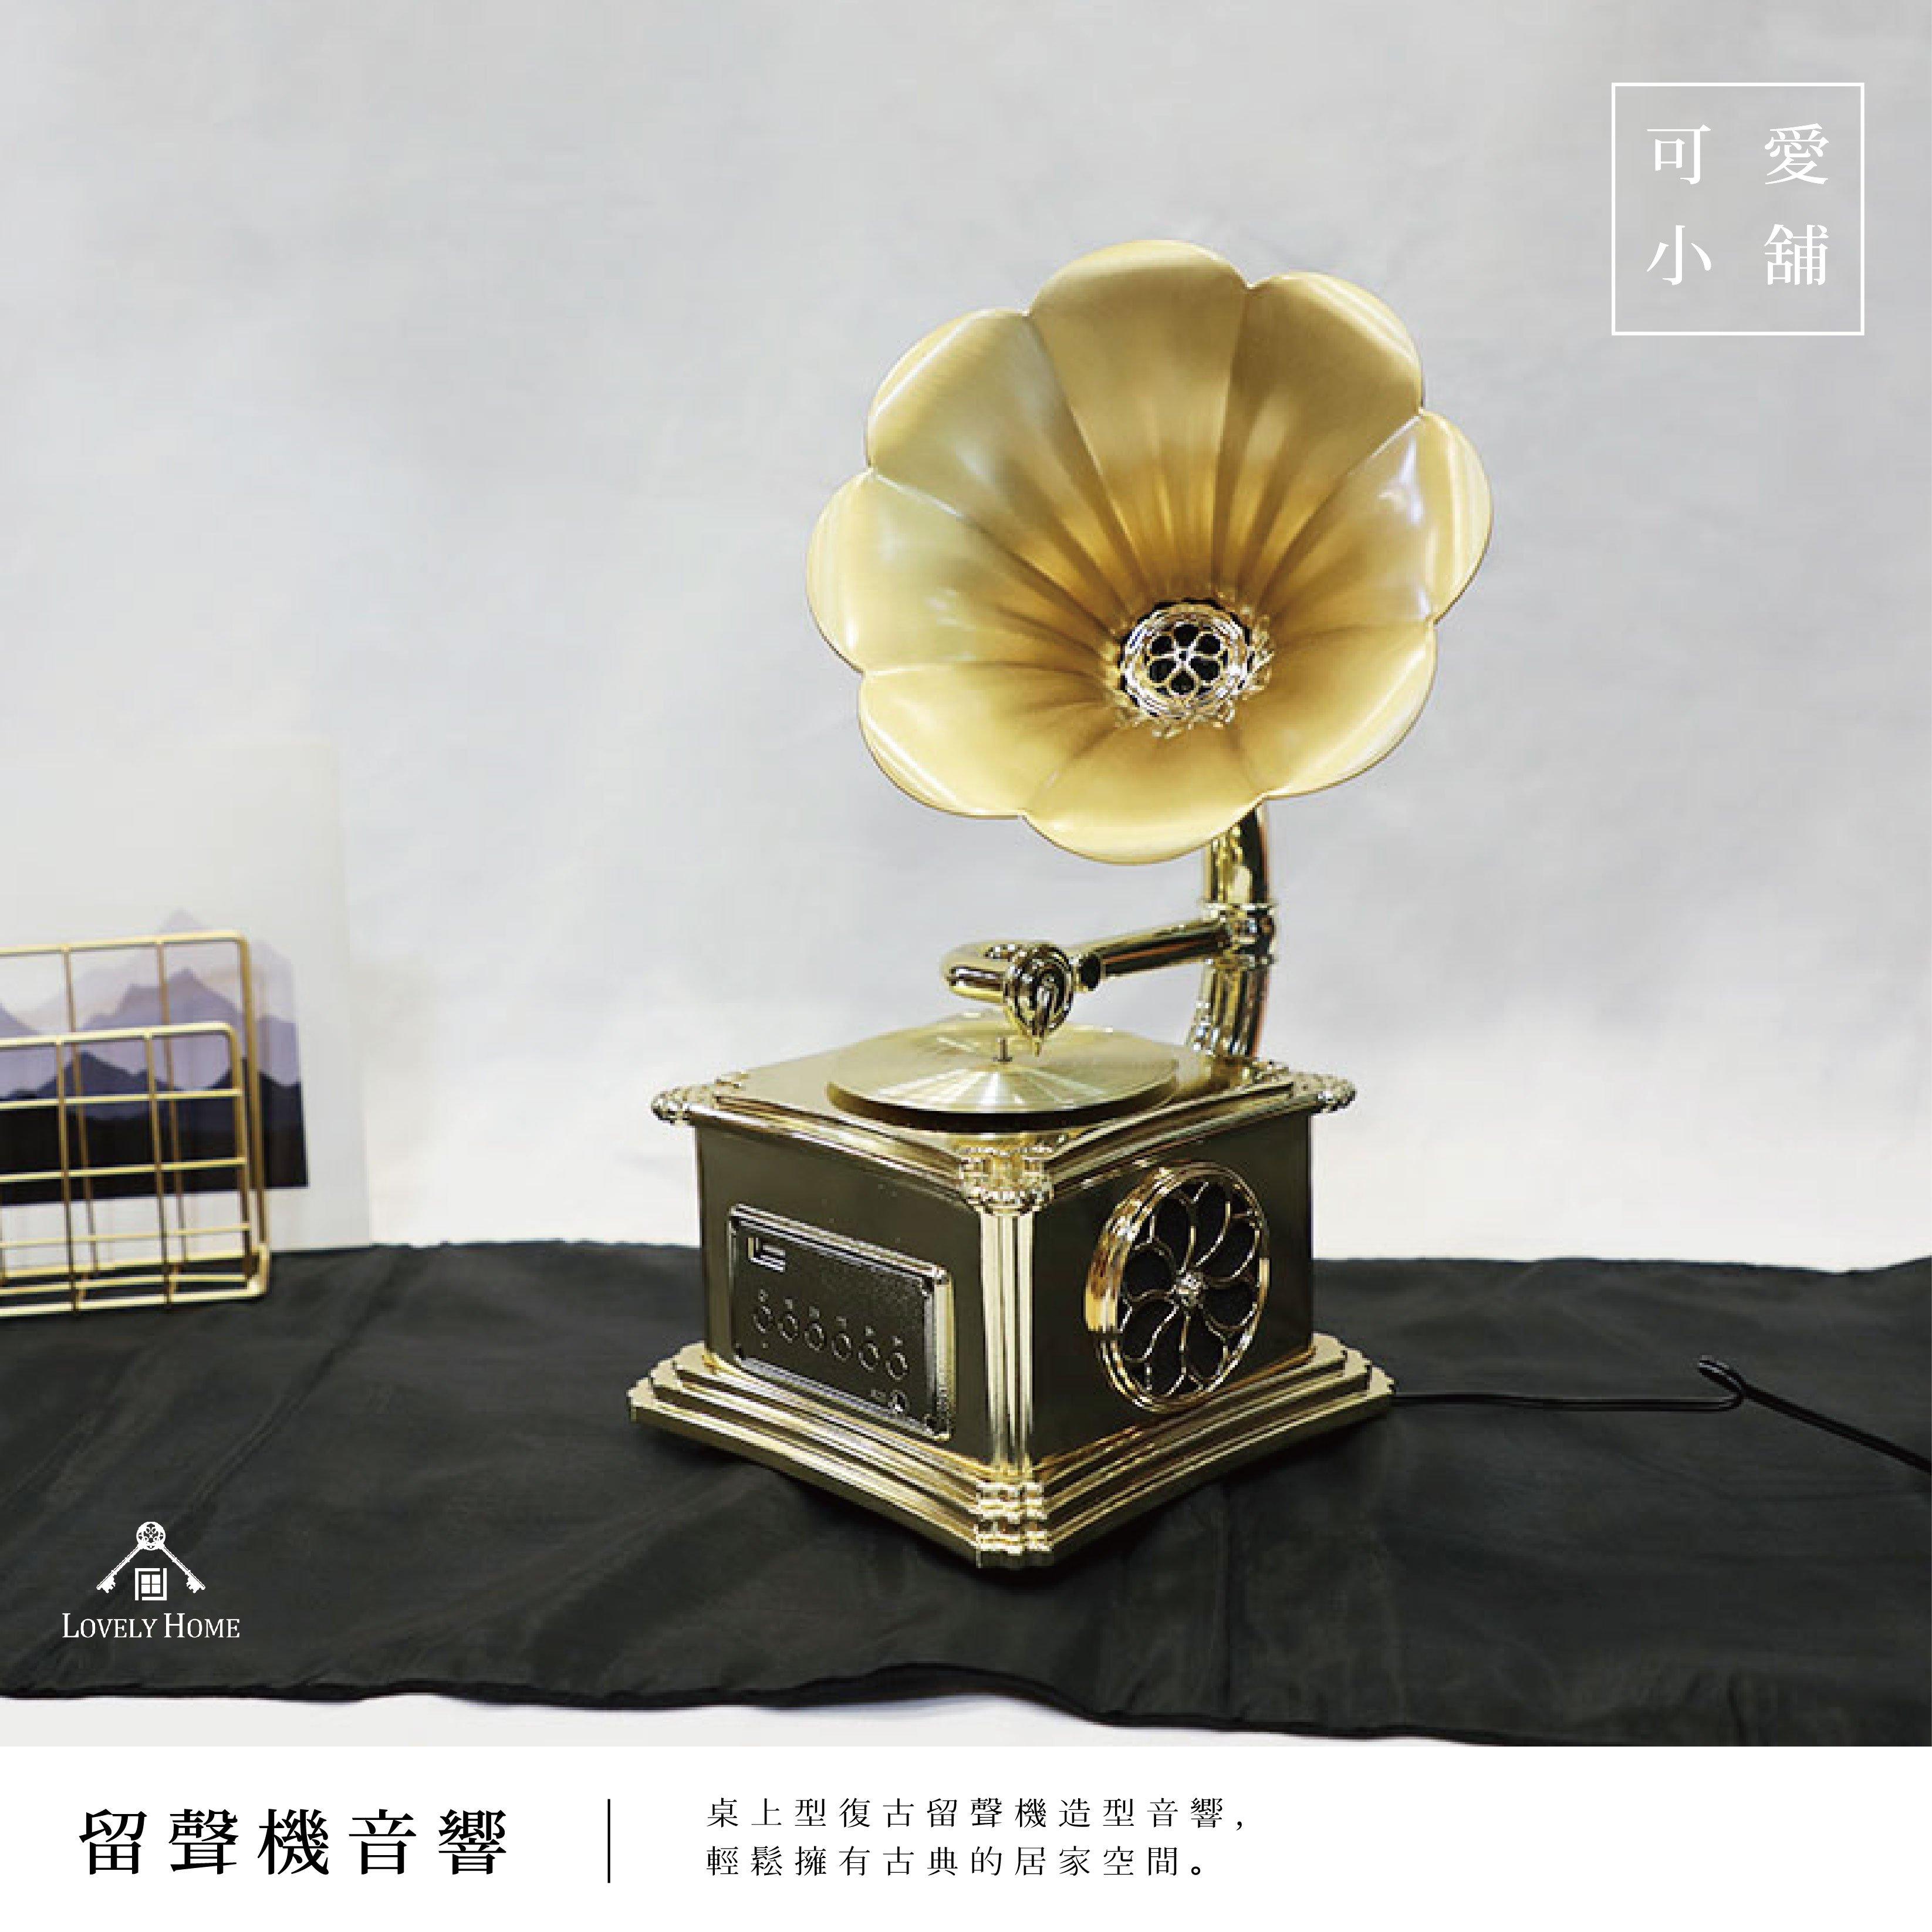 ( 台中 可愛小舖 ) 復古 留聲機 音響 桌上型 usb 藍芽 大喇叭 精緻 兩色